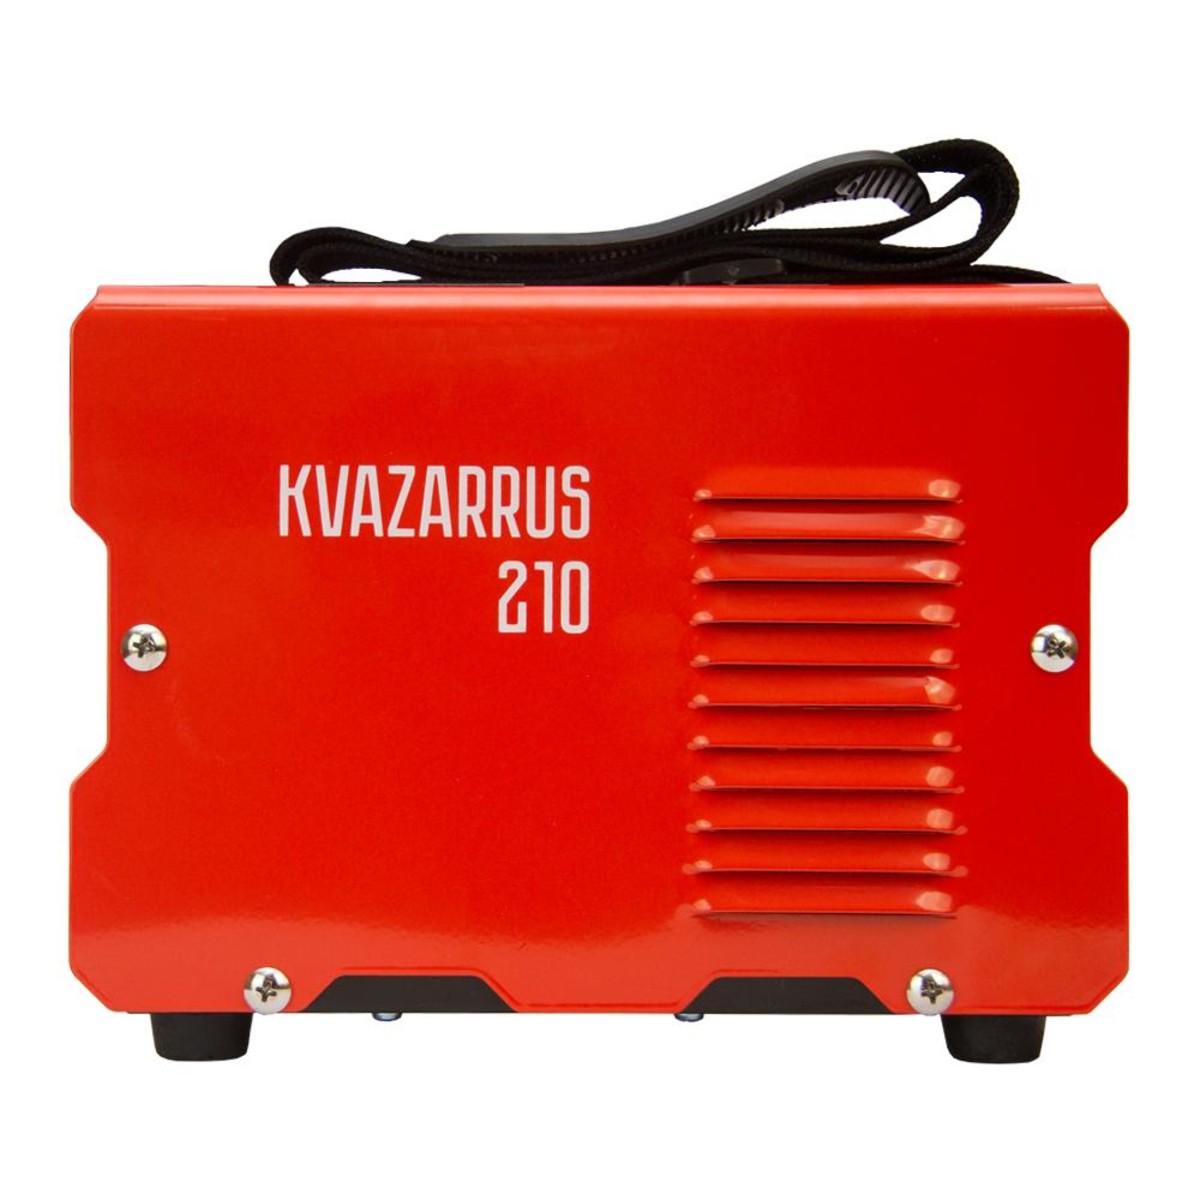 Дуговой Сварочный Инвертор Kvazarrus 210